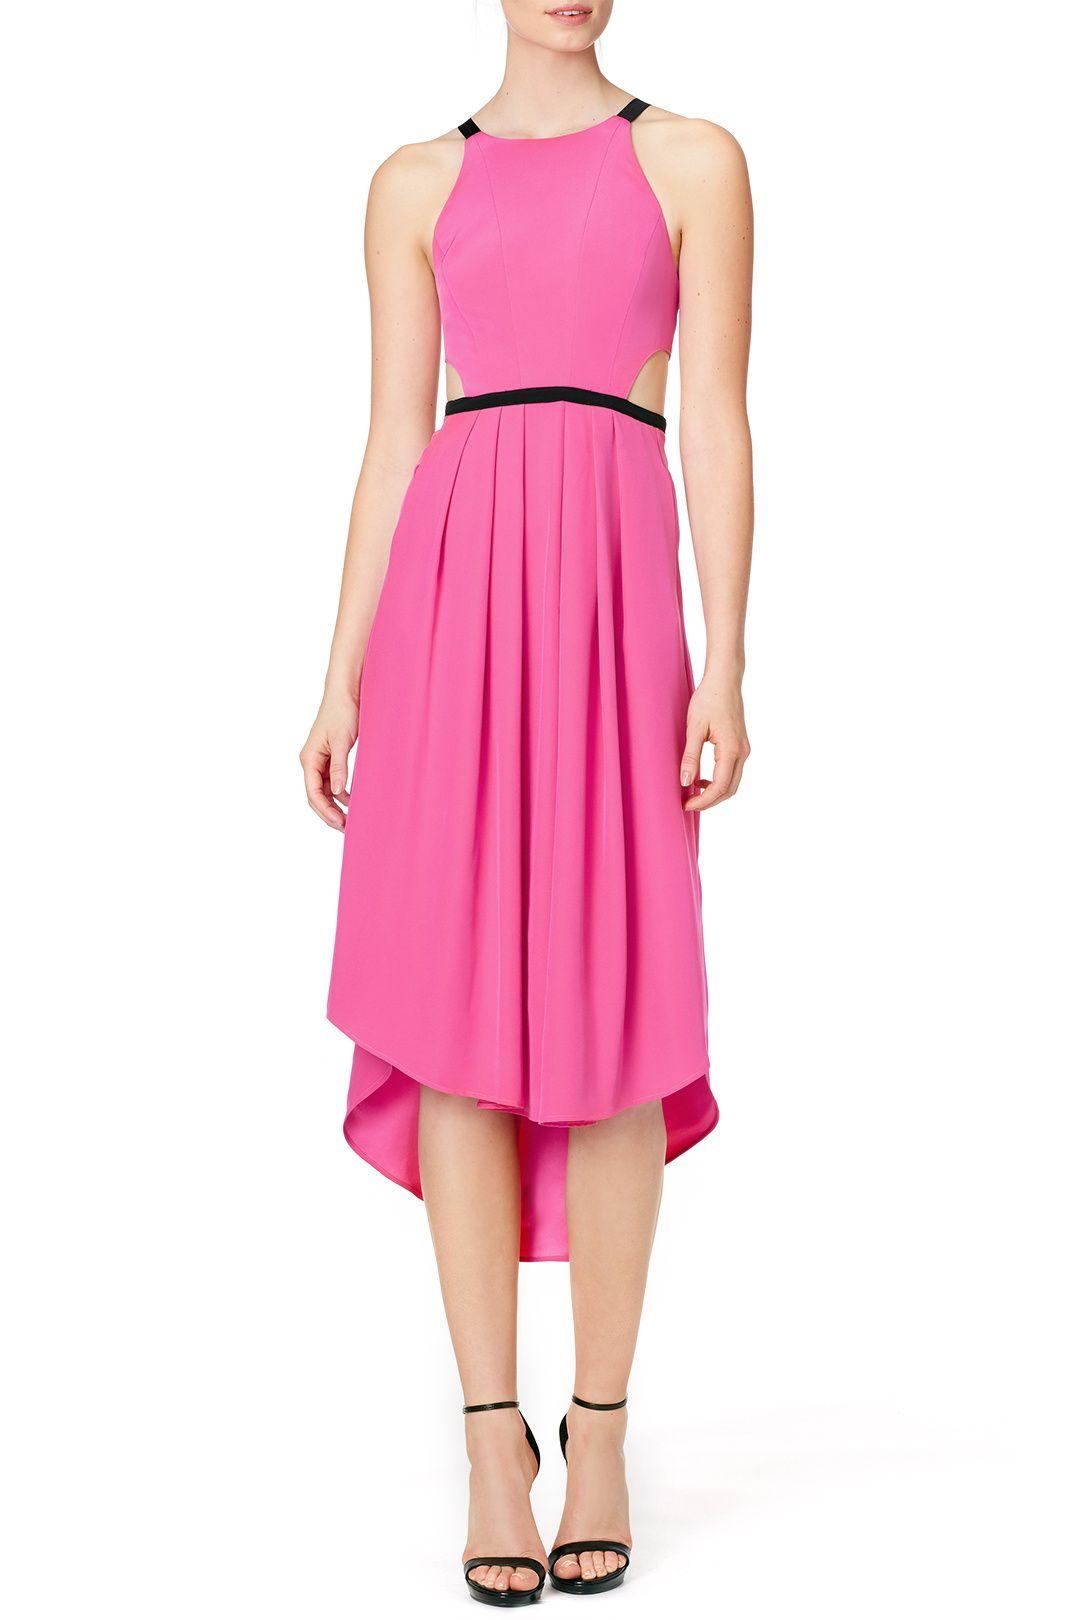 Tag maxi dress maxi dresses dream closets and designers